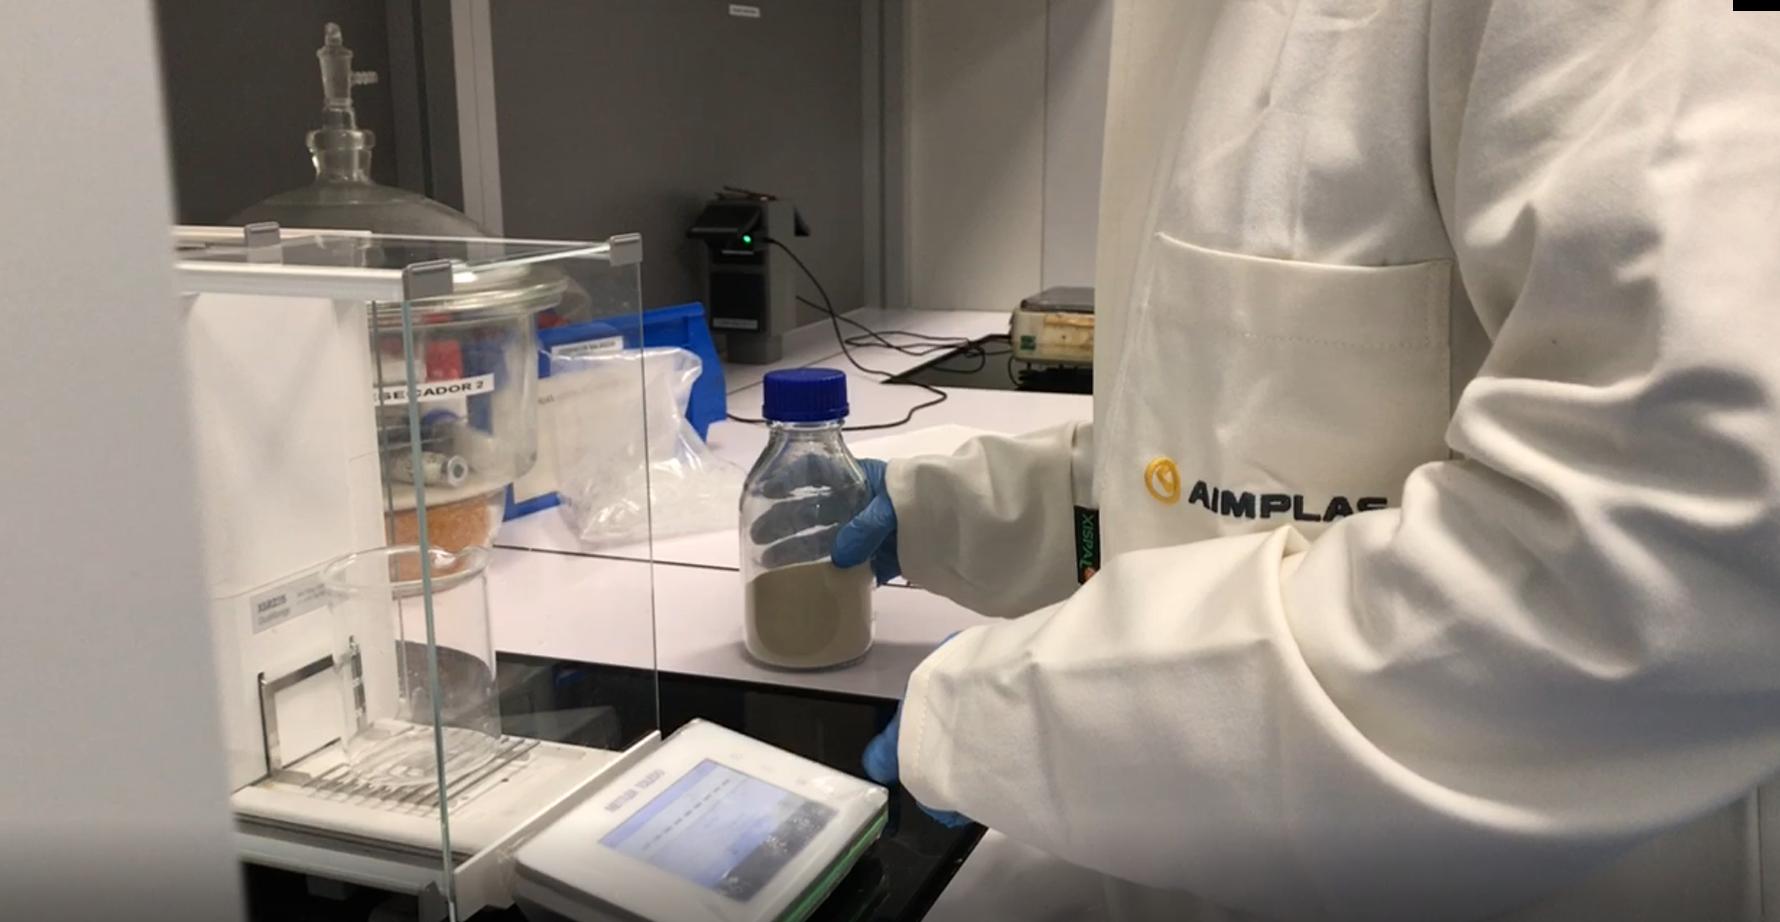 AIMPLAS desarrolla proyectos para impulsar la movilidad sostenible